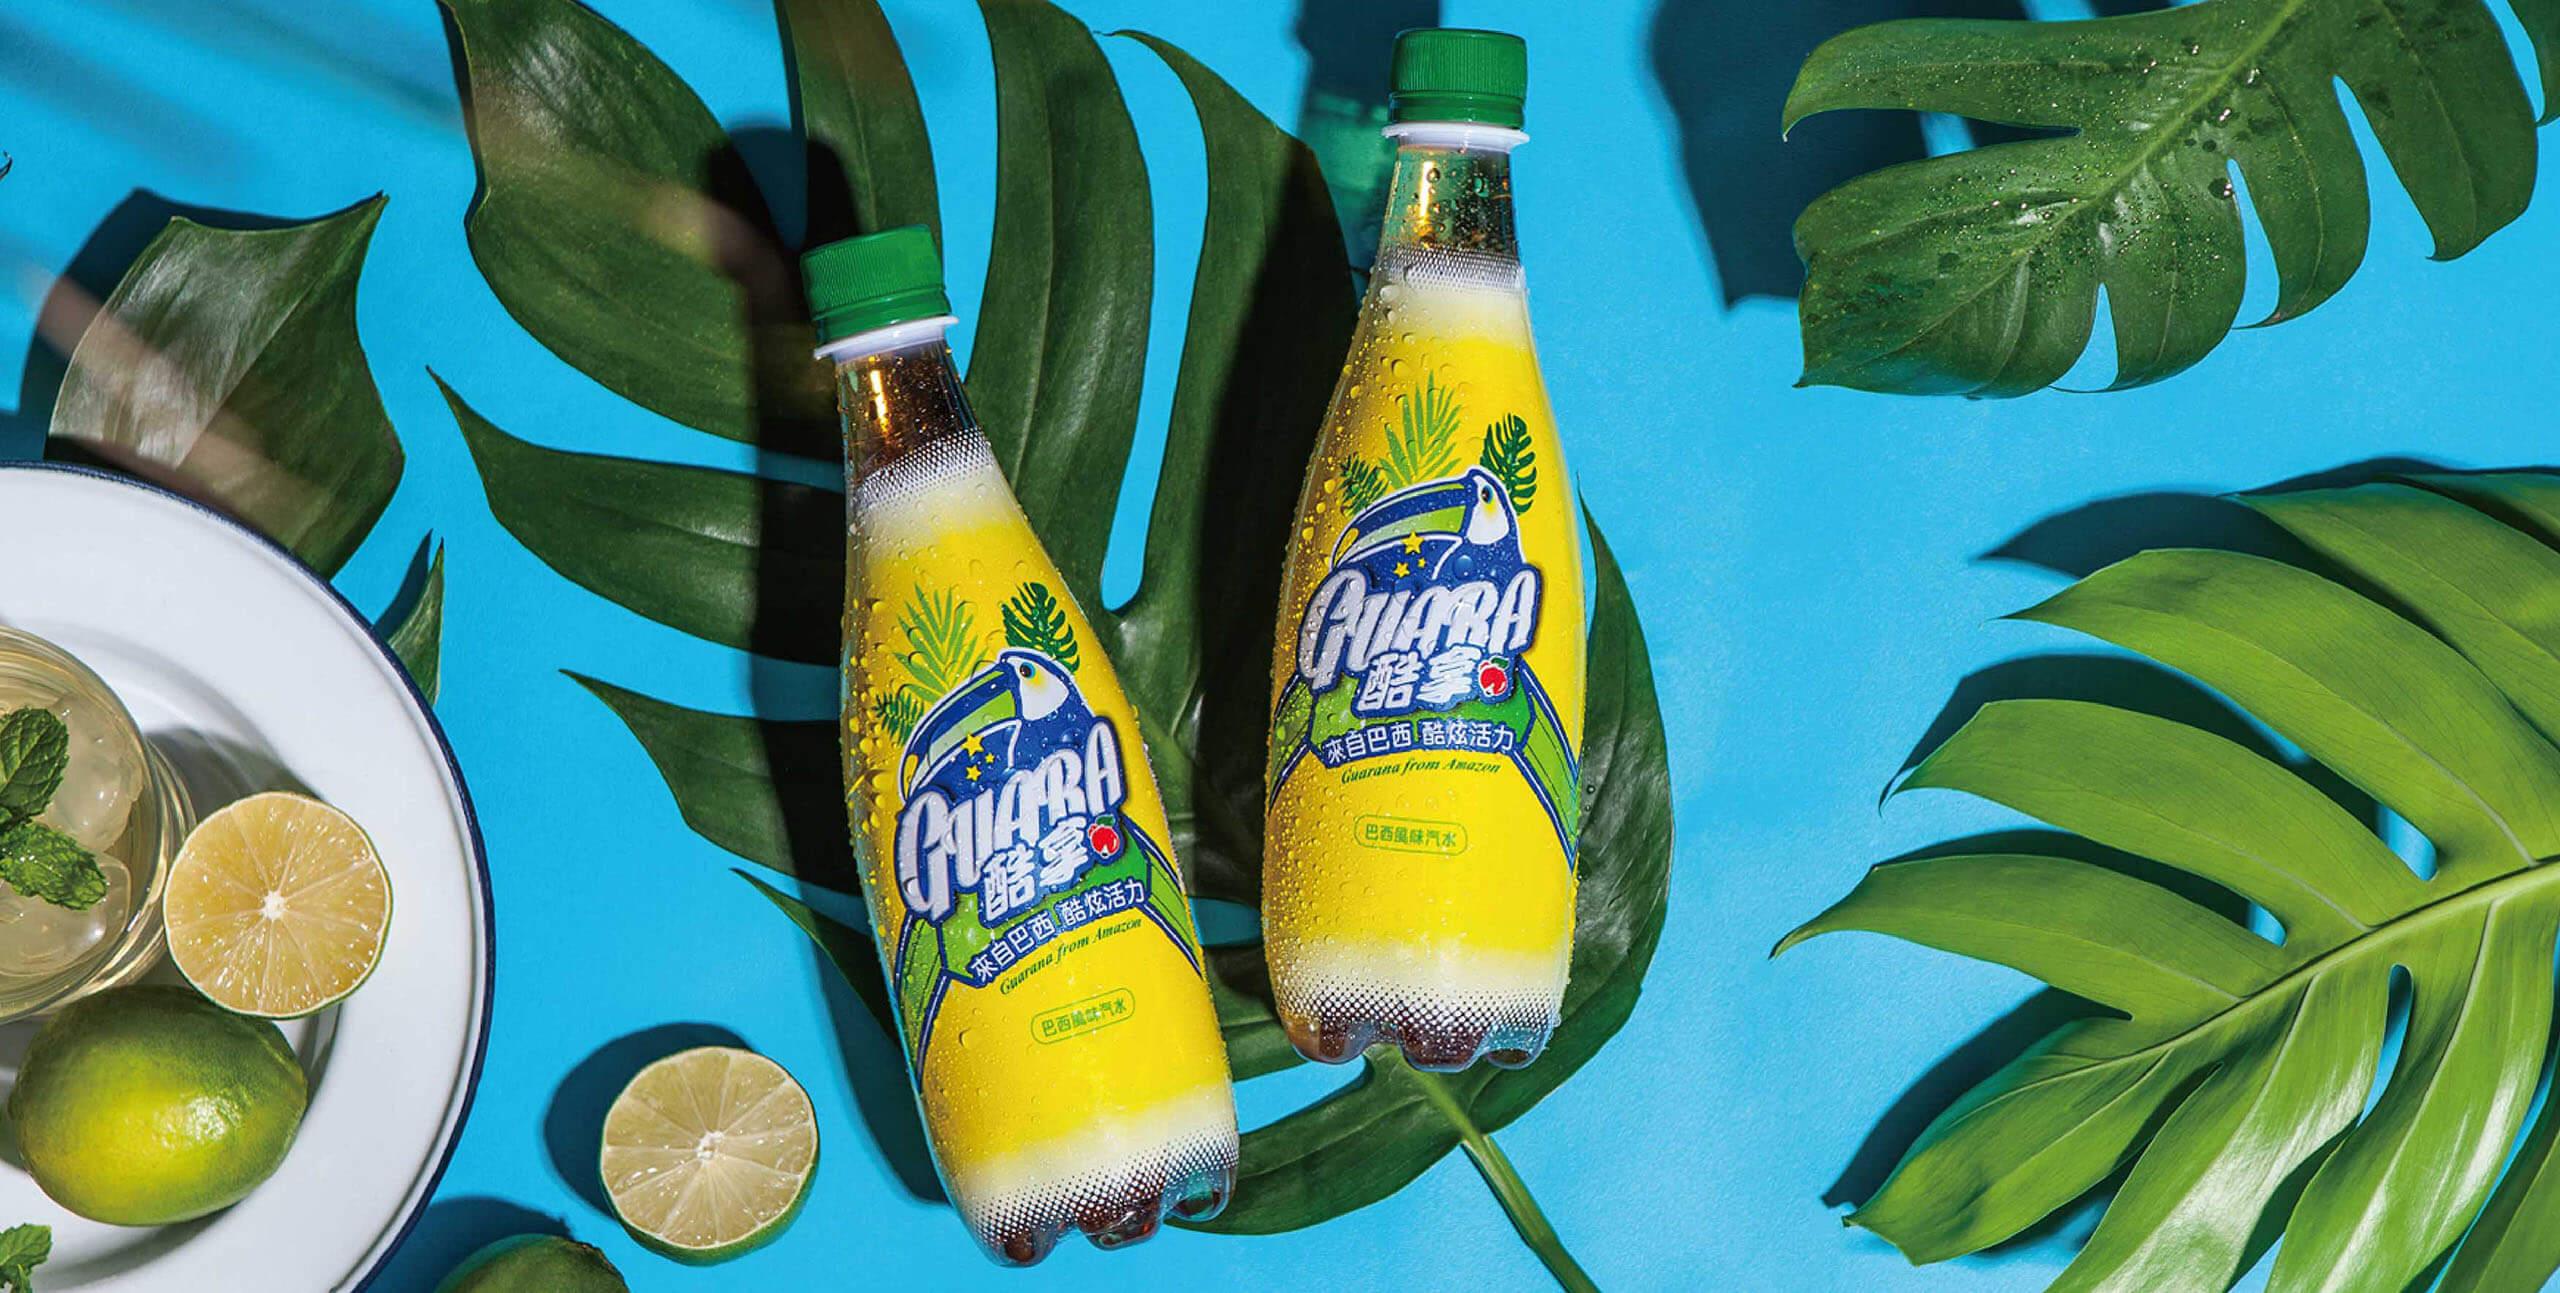 GUARA 酷拿 瓶裝飲料包裝設計